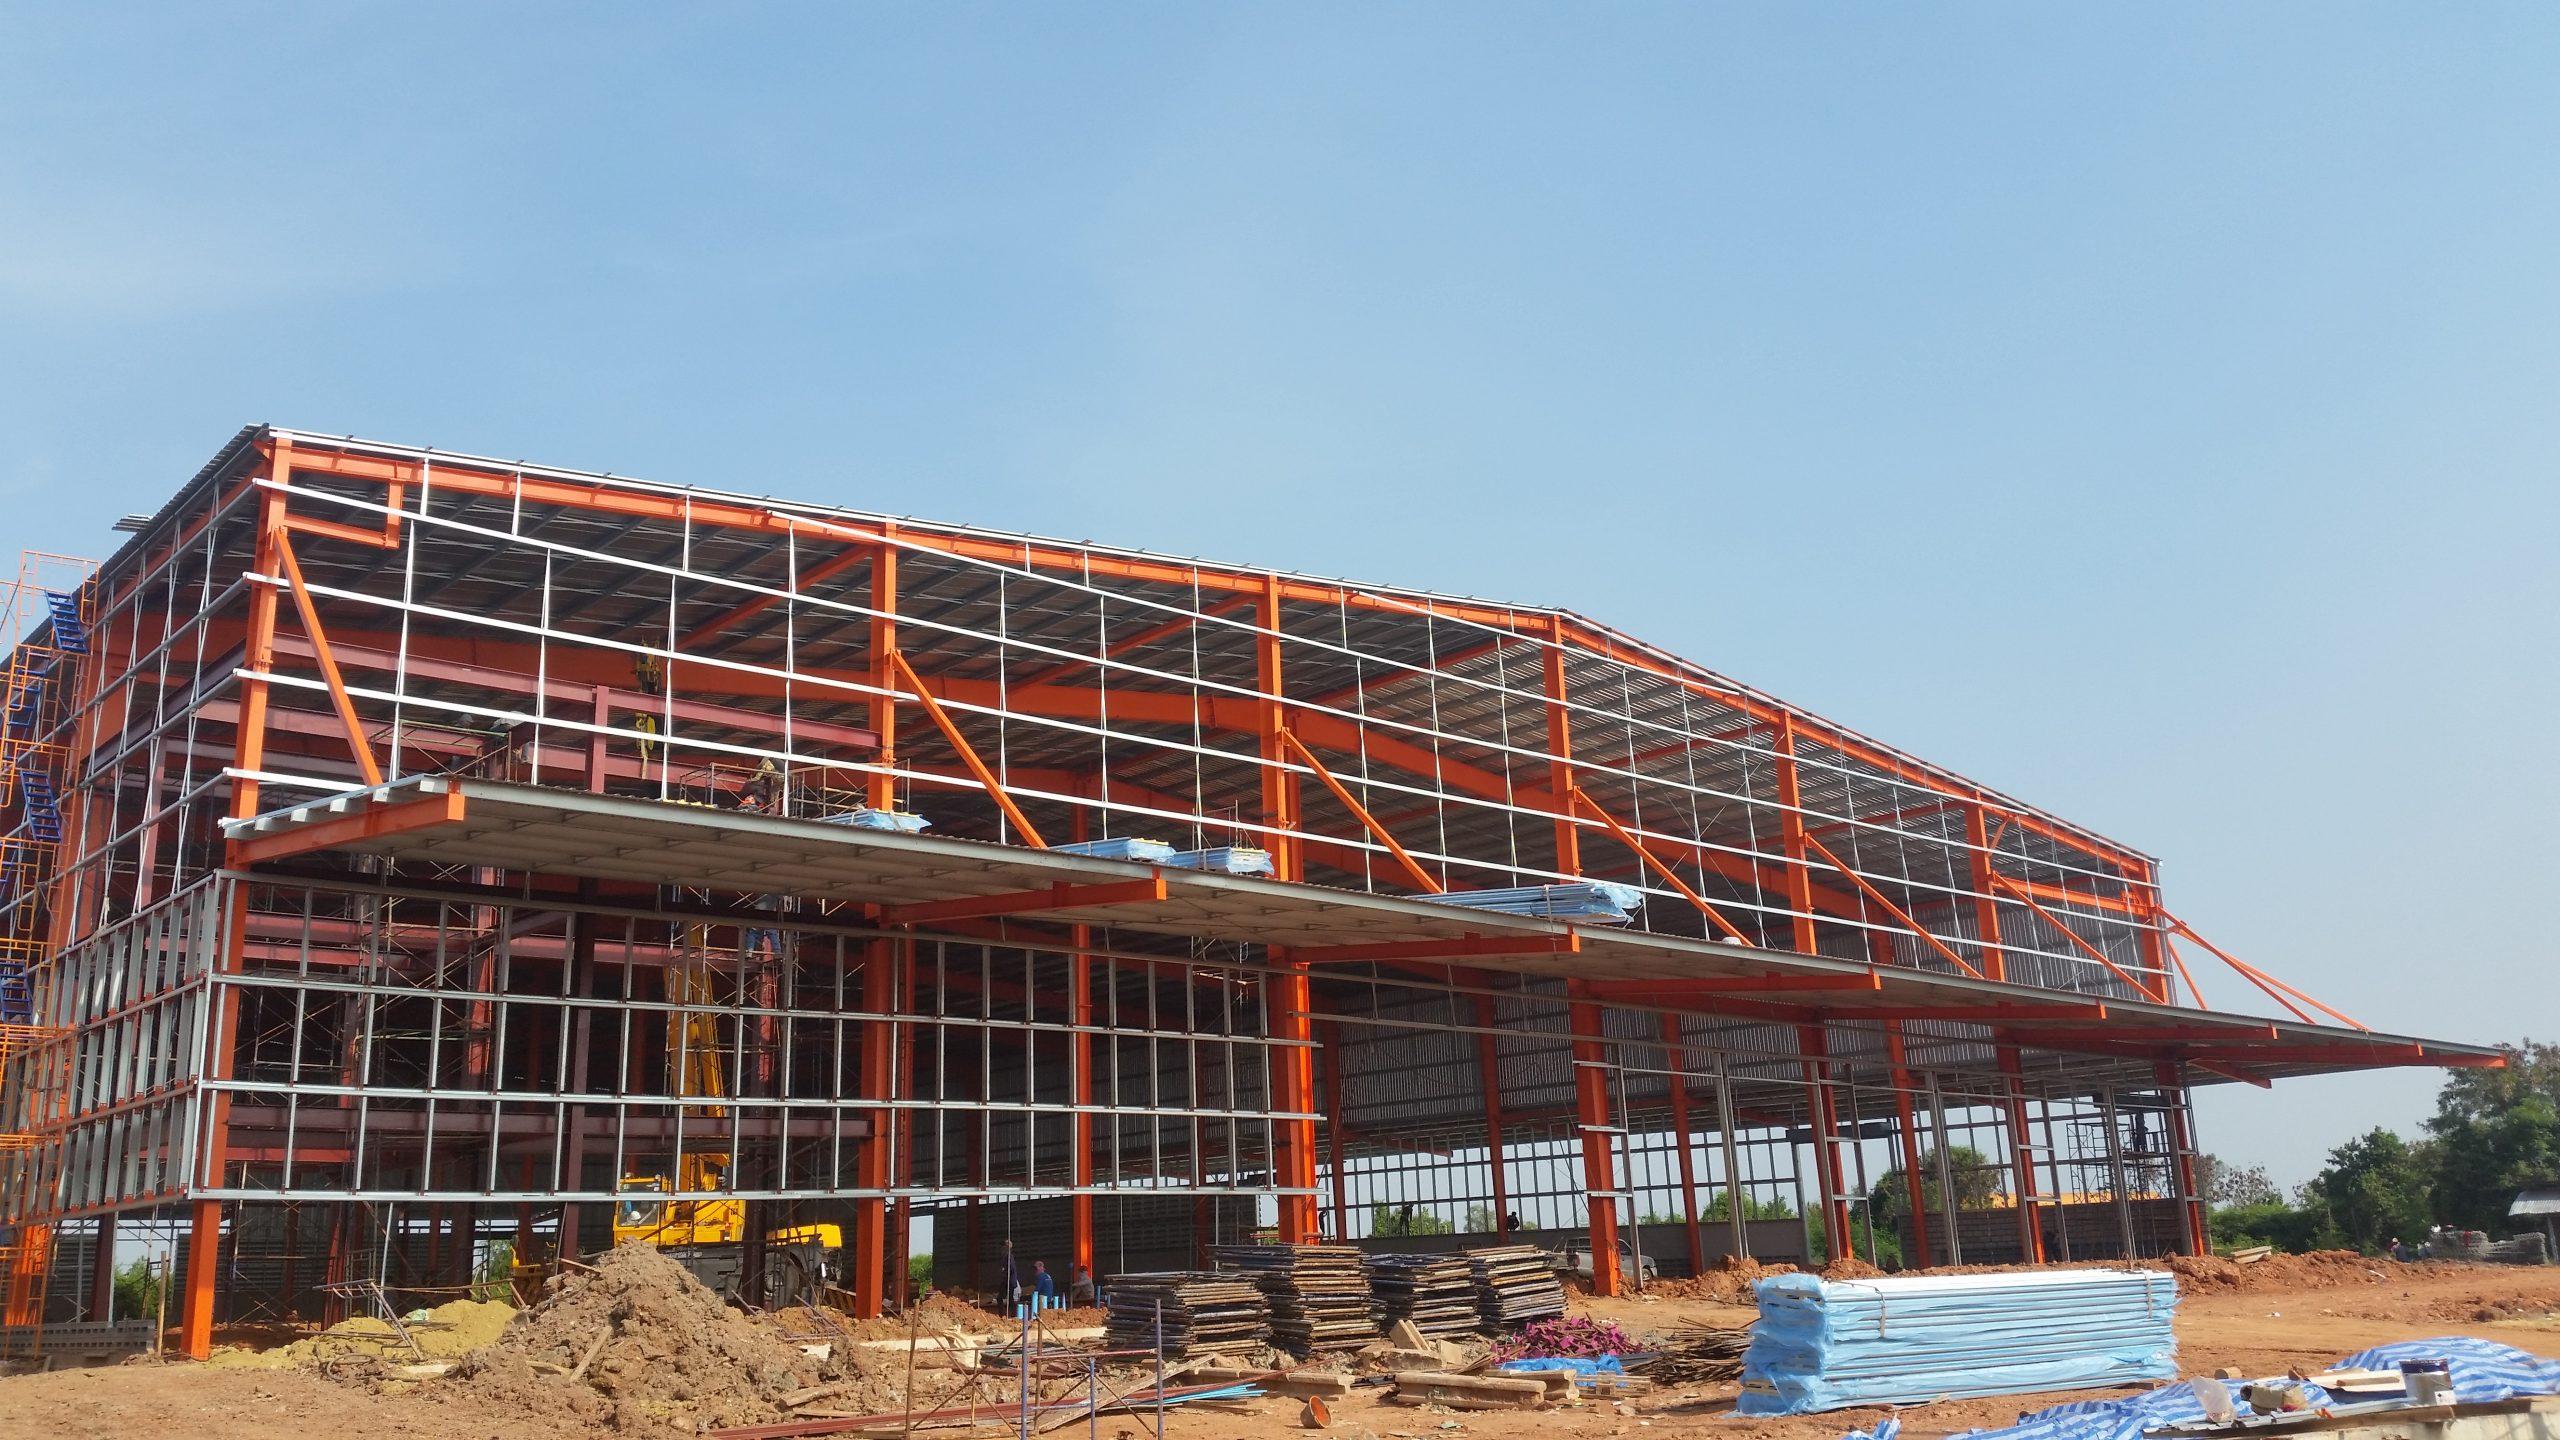 Nhà xưởng tiền chế của PEB Steel xây bởi đội ngũ kỹ sư giàu kinh nghiệm - 1